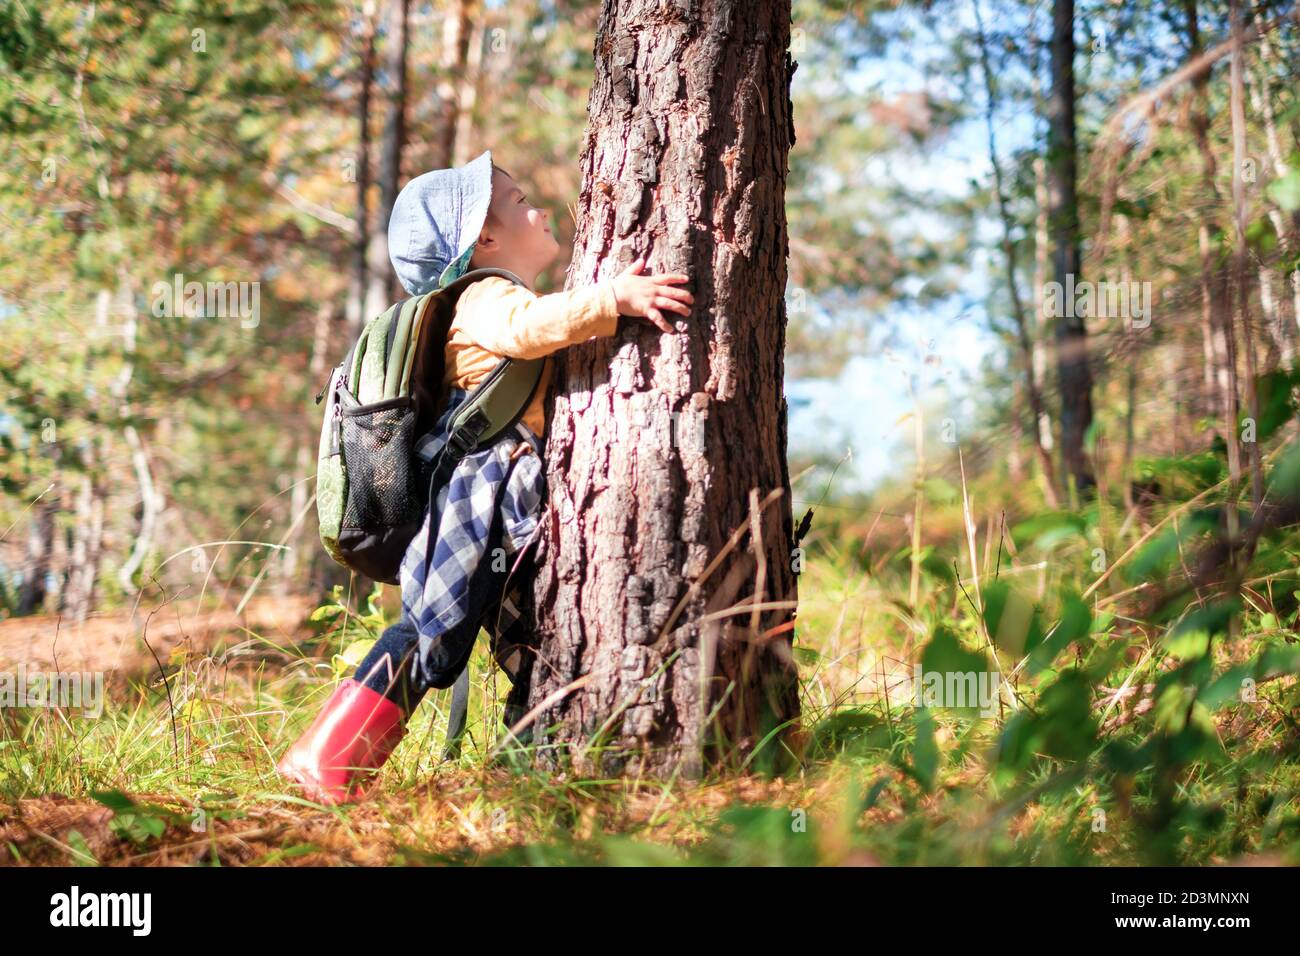 Un niño pequeño en un suéter amarillo abraza un pino en el bosque otoñal. Infancia con concepto amante de la naturaleza Foto de stock